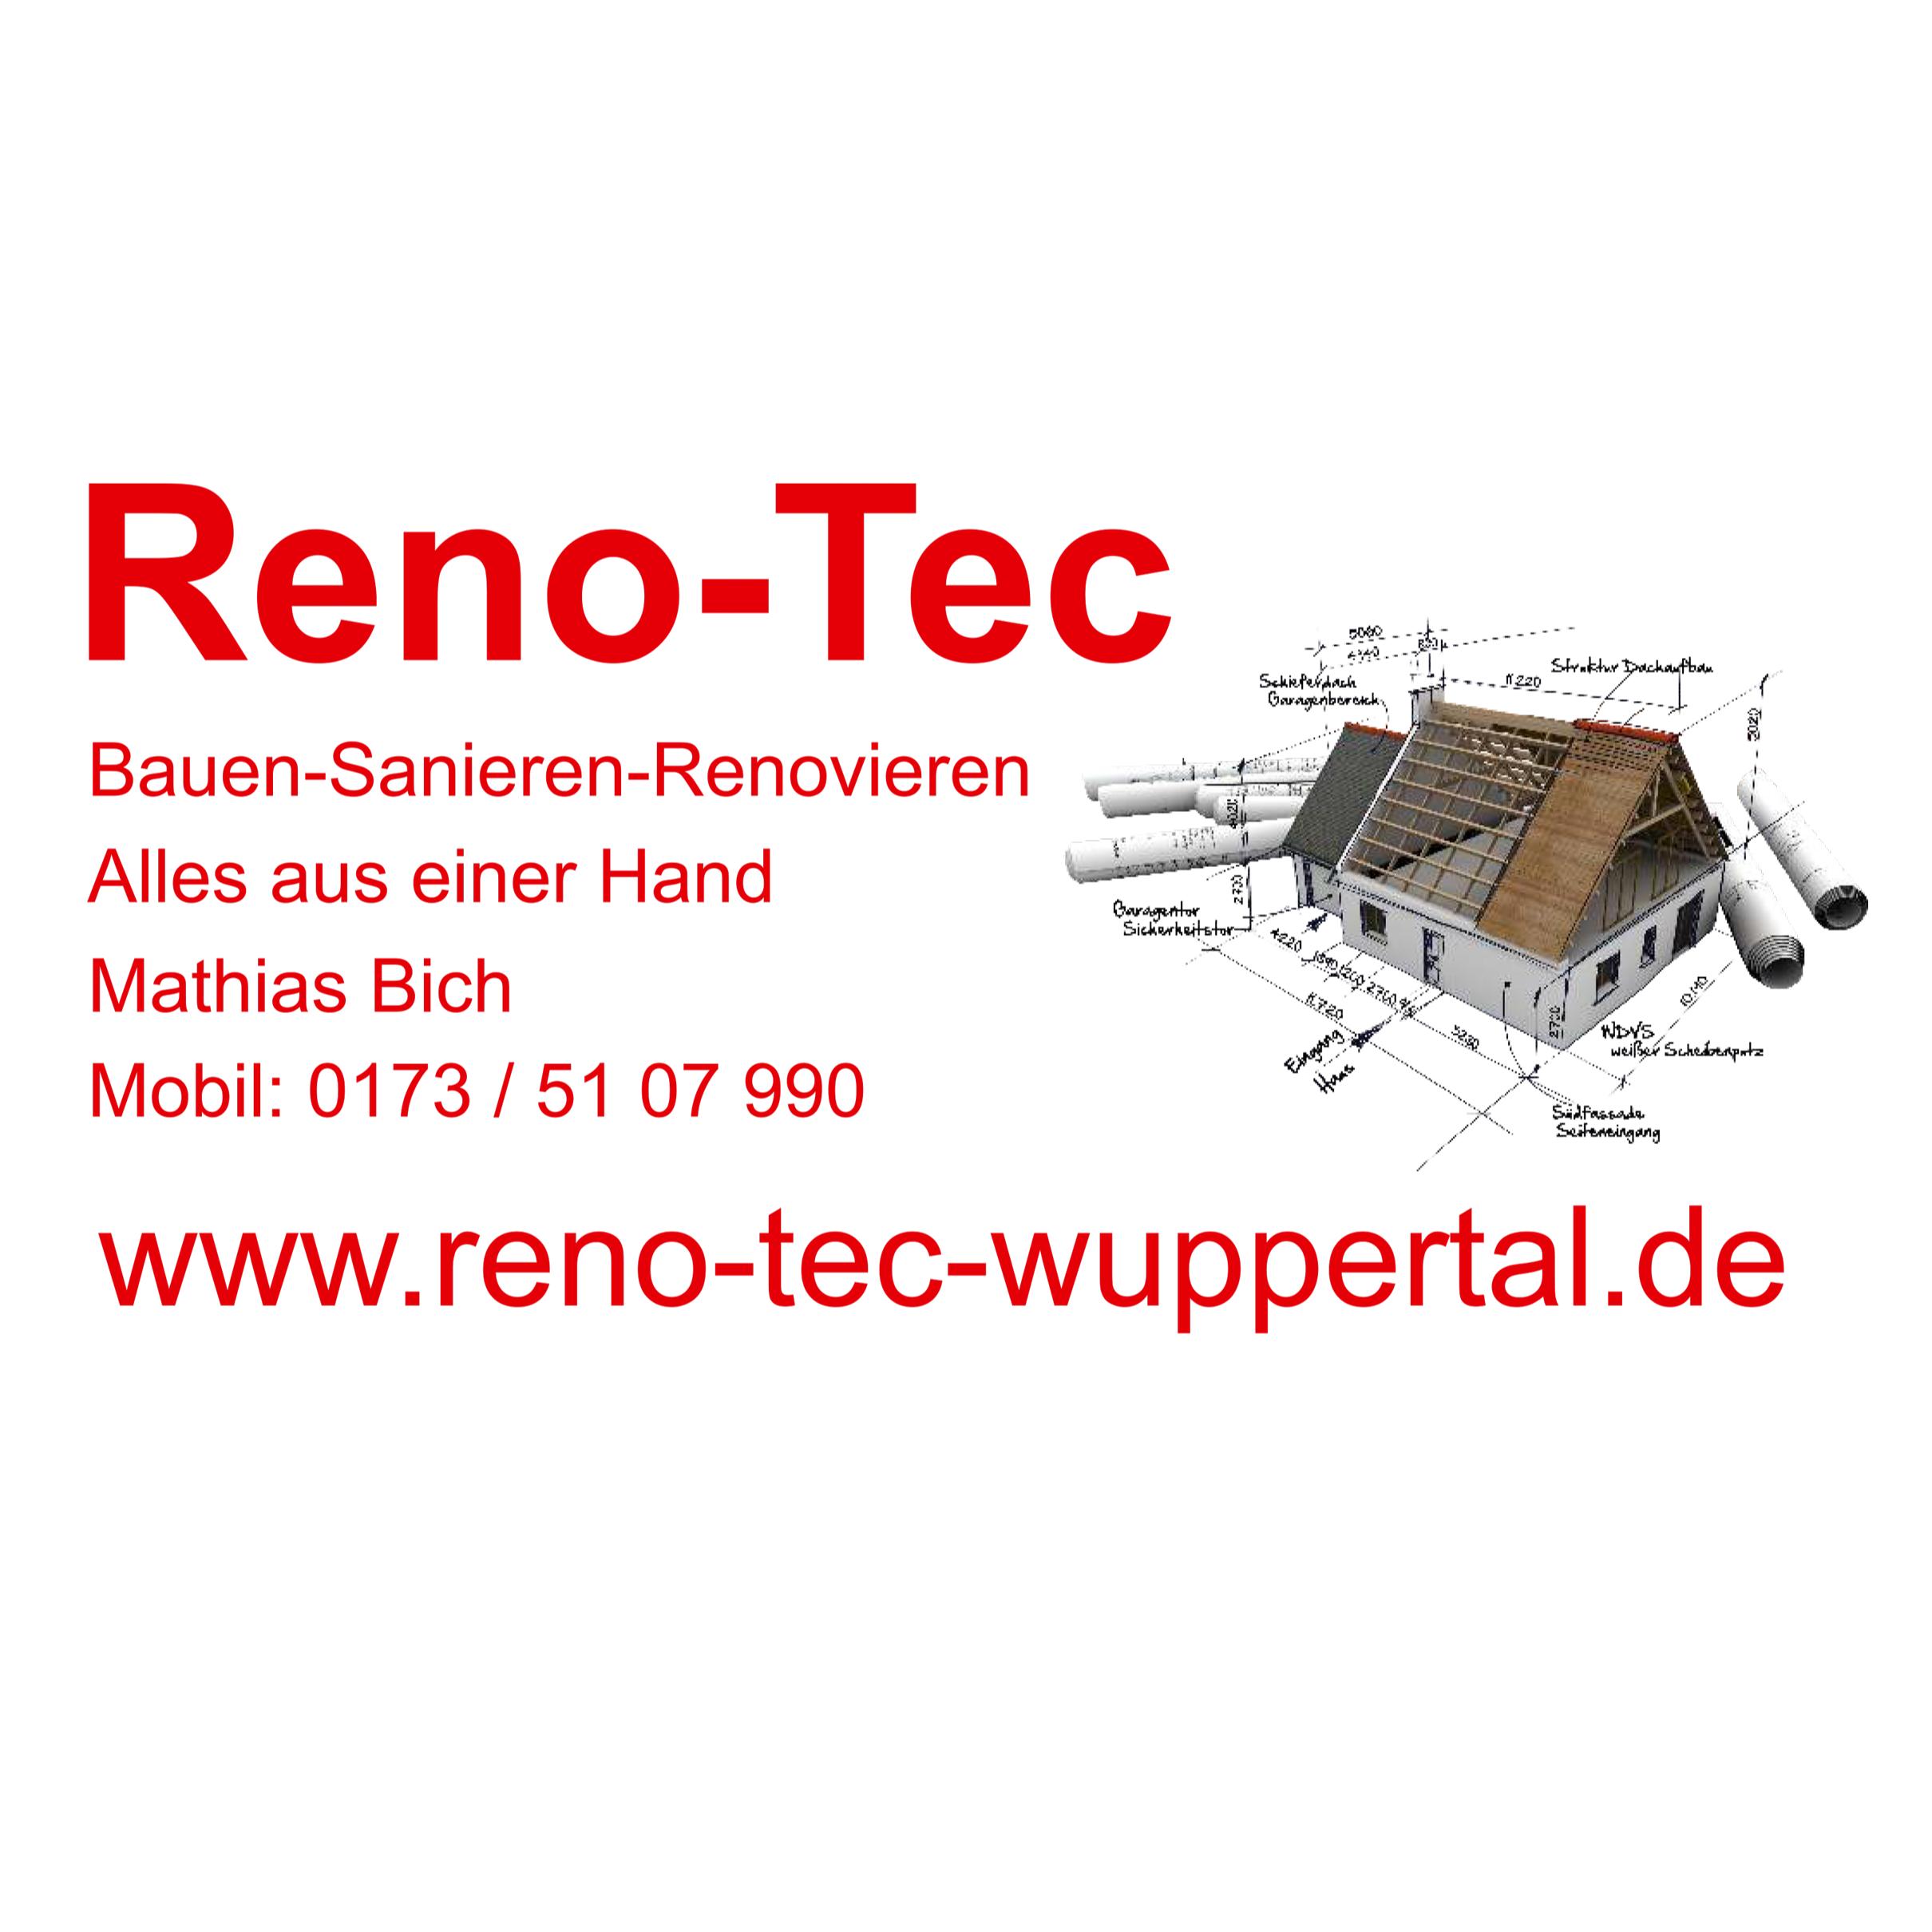 Bild zu Reno-Tec in Wuppertal